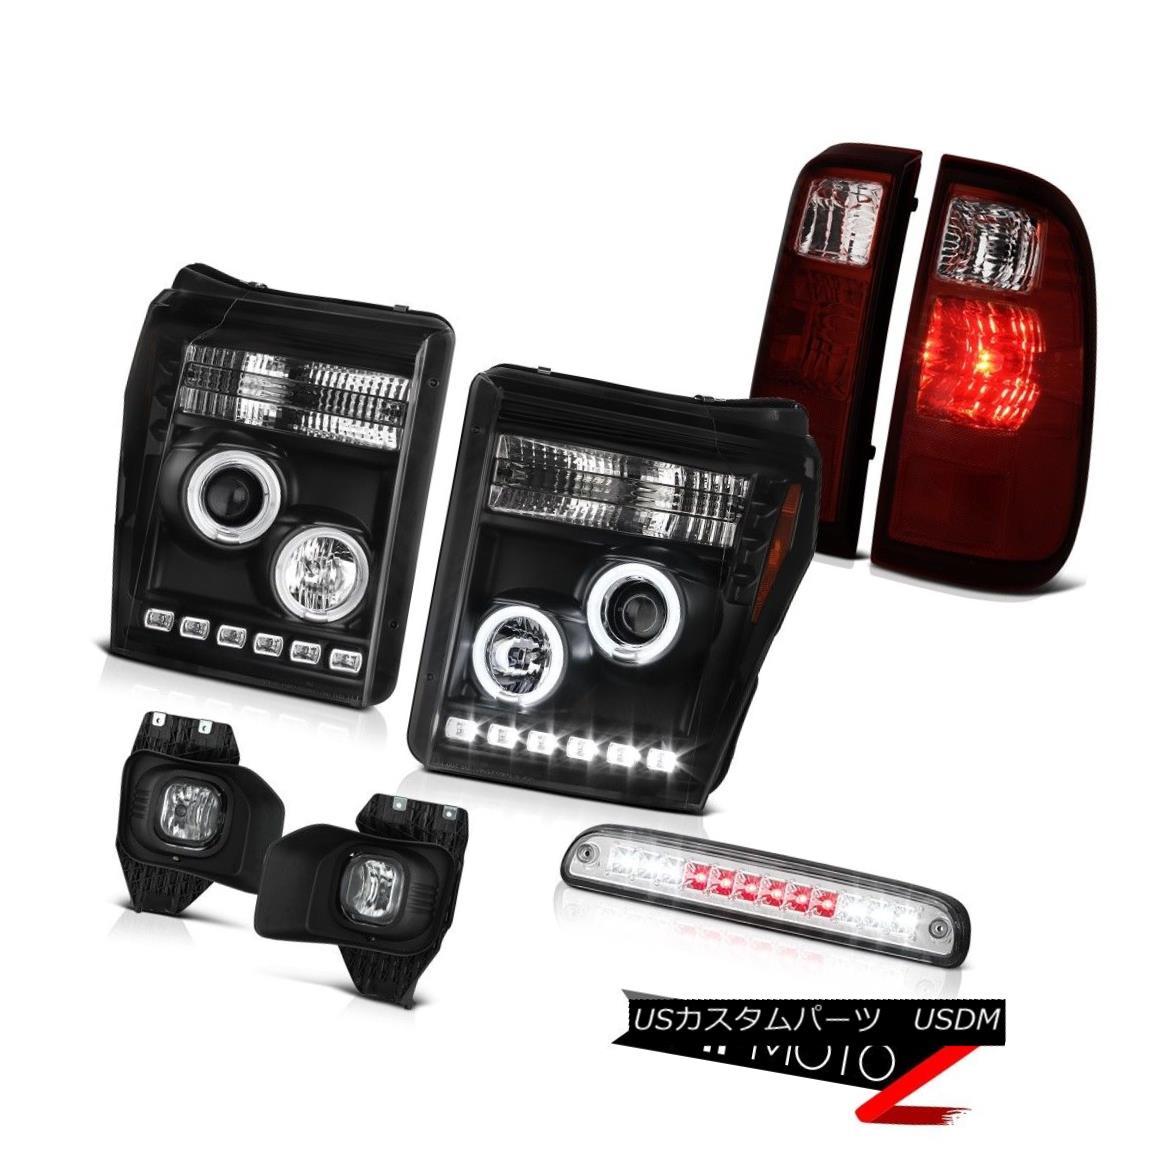 テールライト 2011-2016 F350 Turobdiesel 3RD Brake Light Fog Lamps Smokey Red Tail Headlamps 2011-2016 F350ターボディーゼル3RDブレーキライトフォグランプスモークテールヘッドランプ